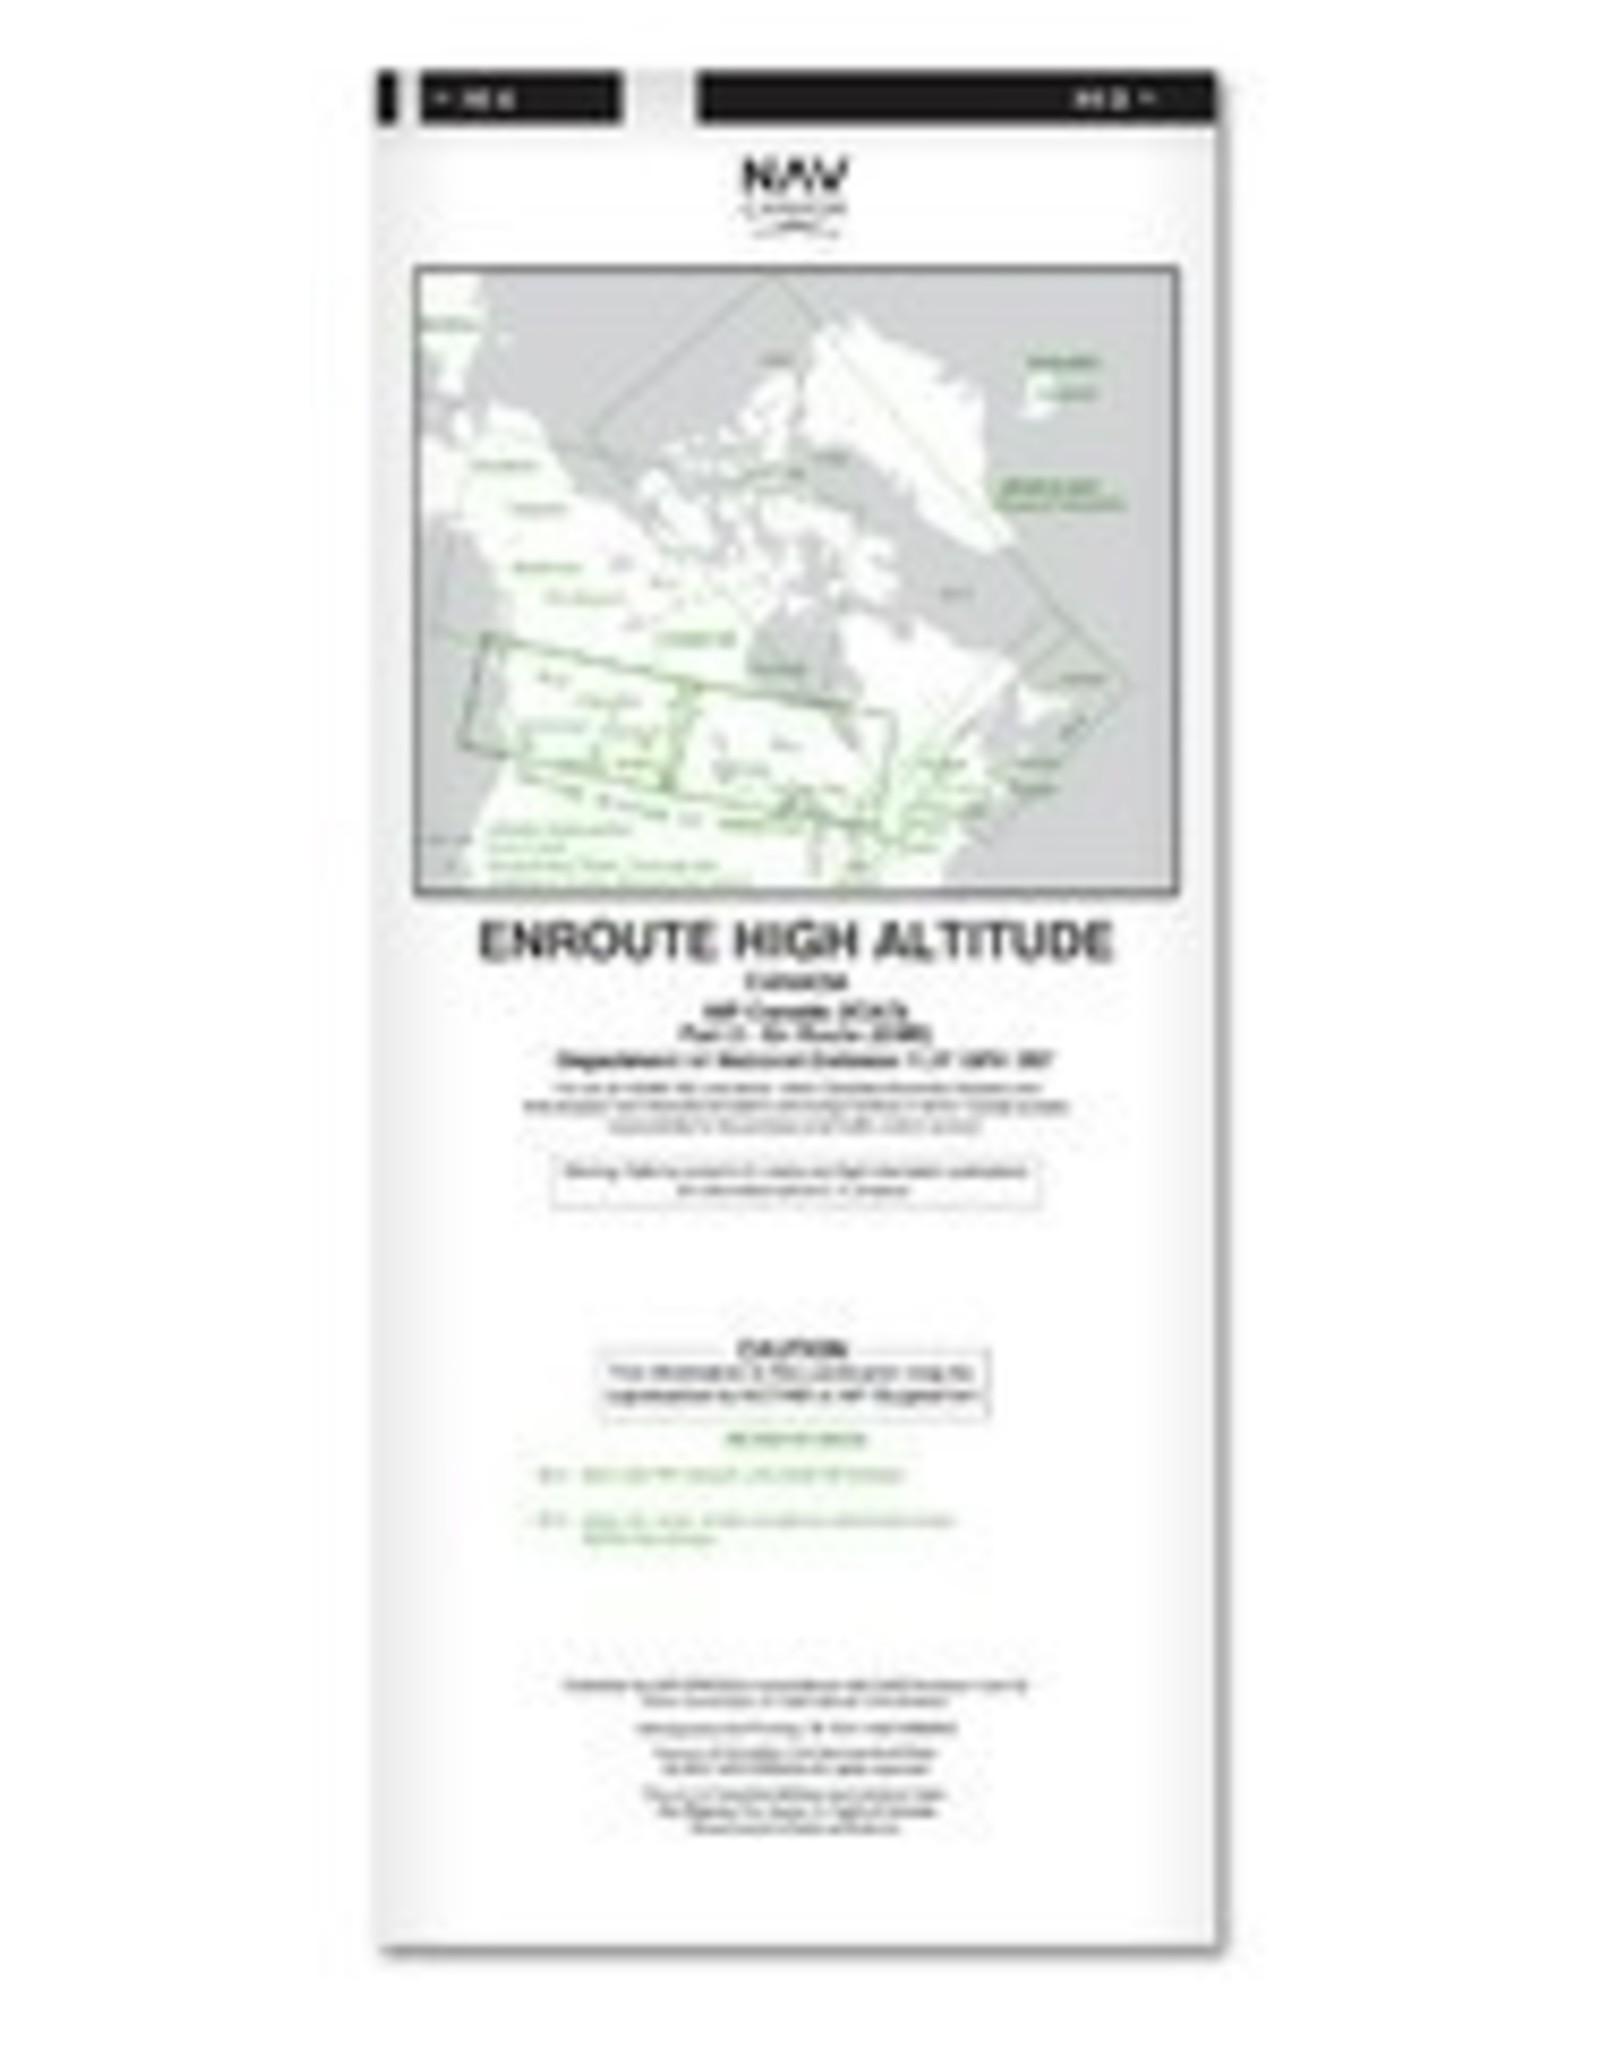 HI 3/4 Enroute High Altitude - Jun 17, 21 to Aug 12, 21